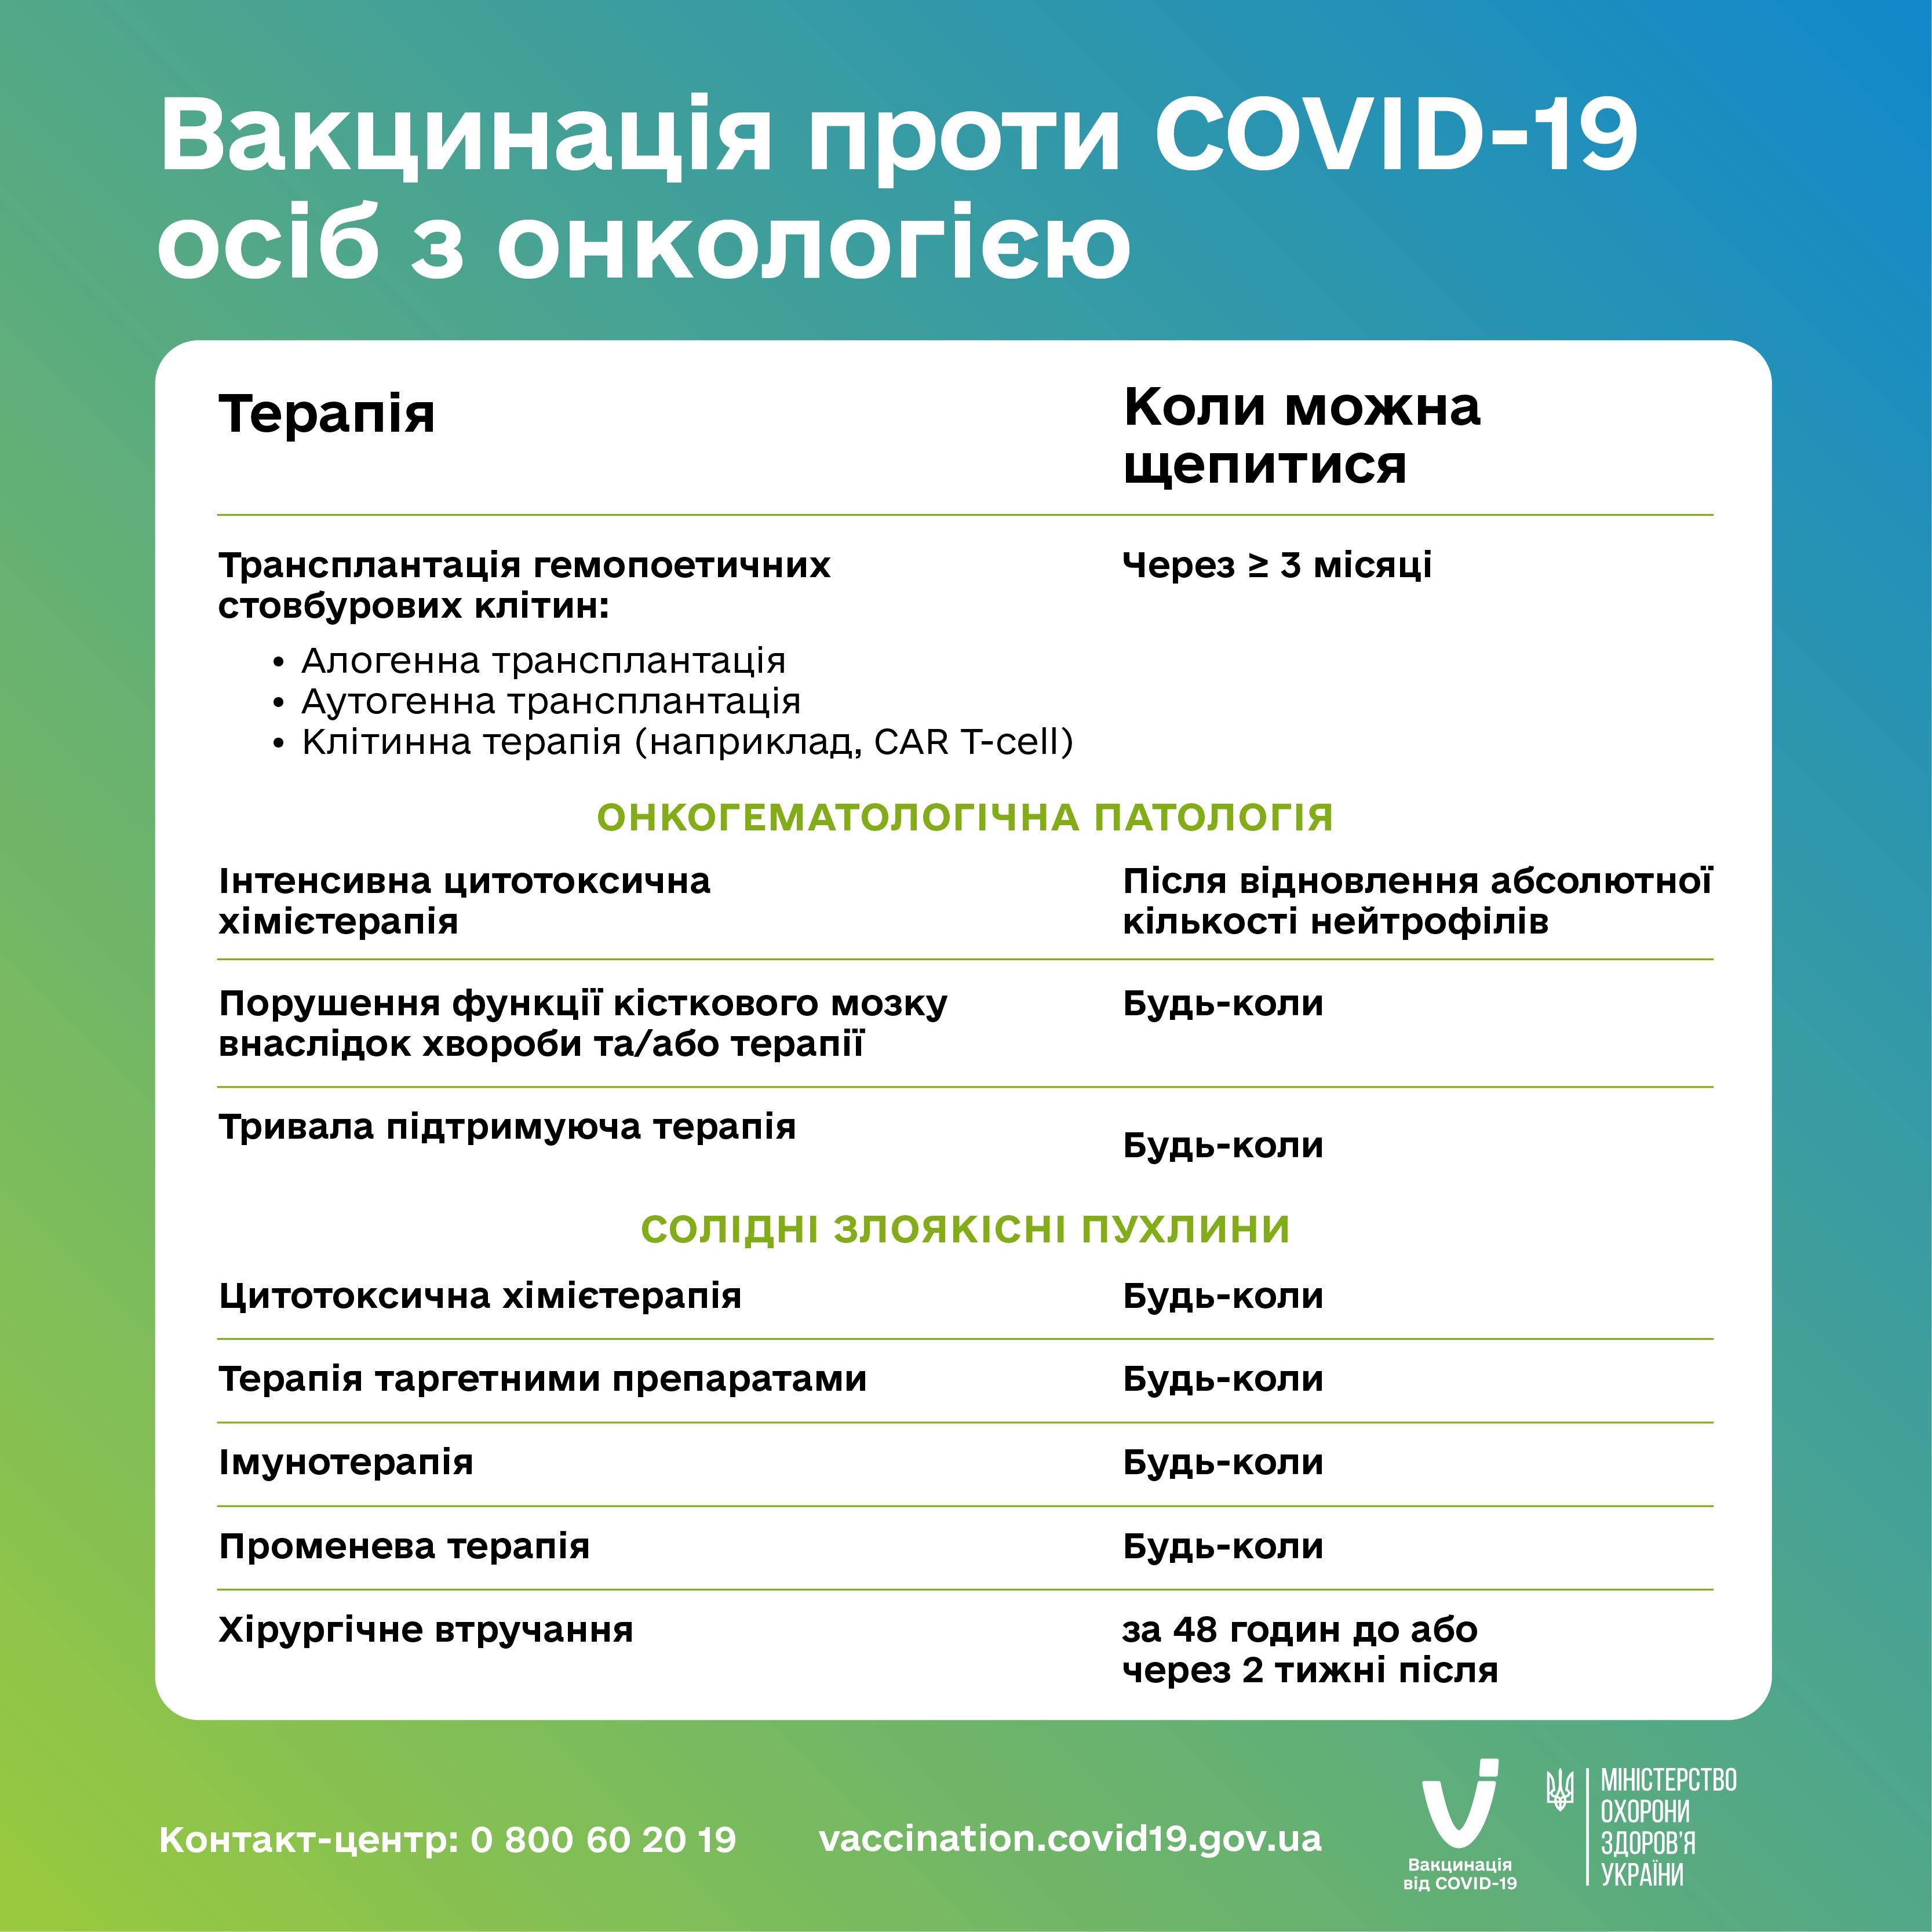 Без Купюр Які вакцини від коронавіруса можна колоти онкохворим Здоров'я  новини Кропивницький Кіровоградщина вакцина 2021 Липень